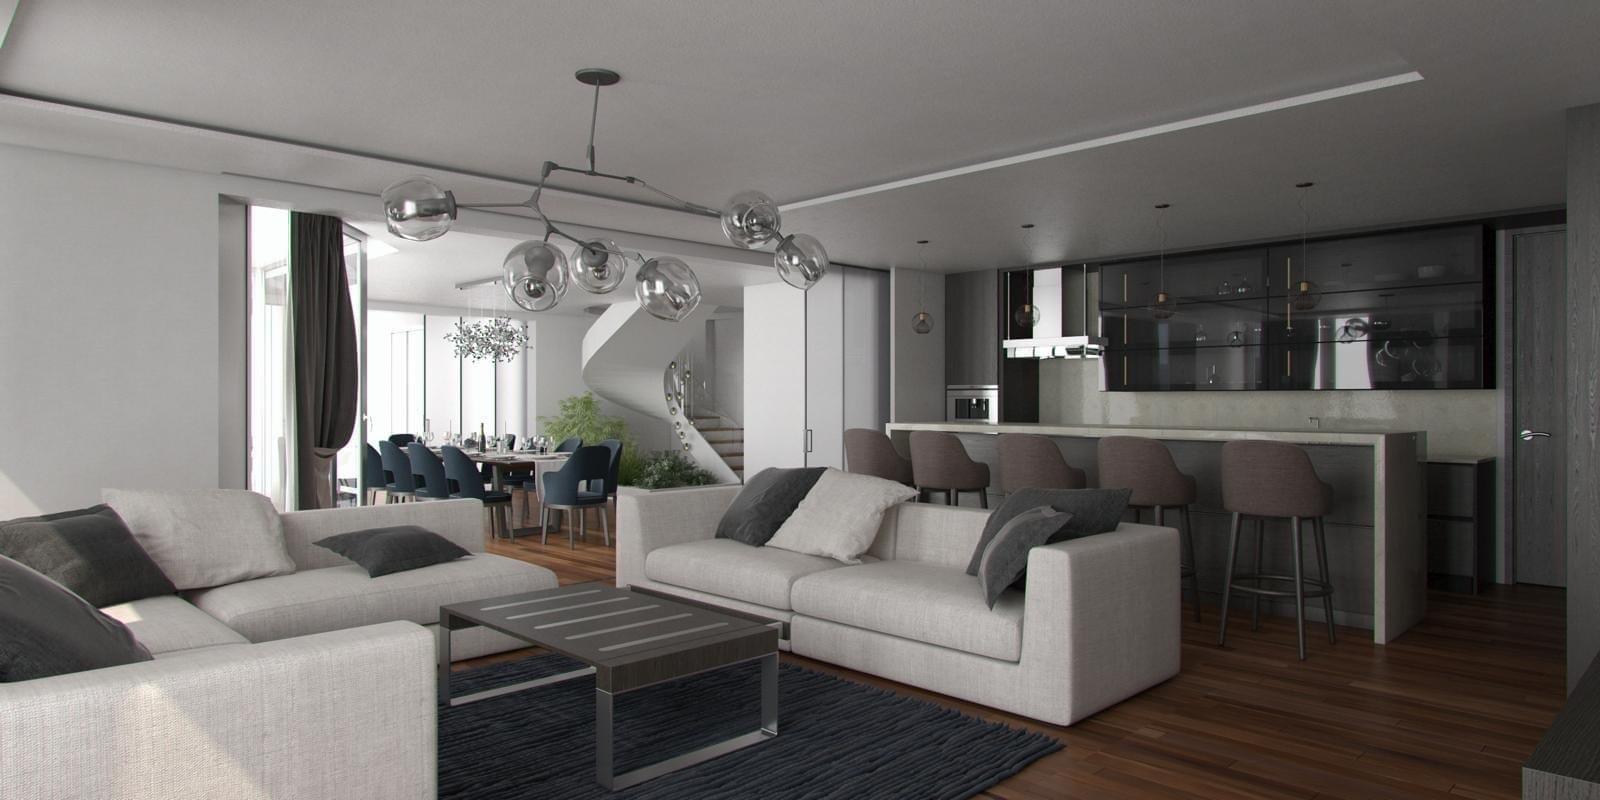 Bh. kompanija oprema penthouse od 2 miliona KM u Sarajevo Toweru